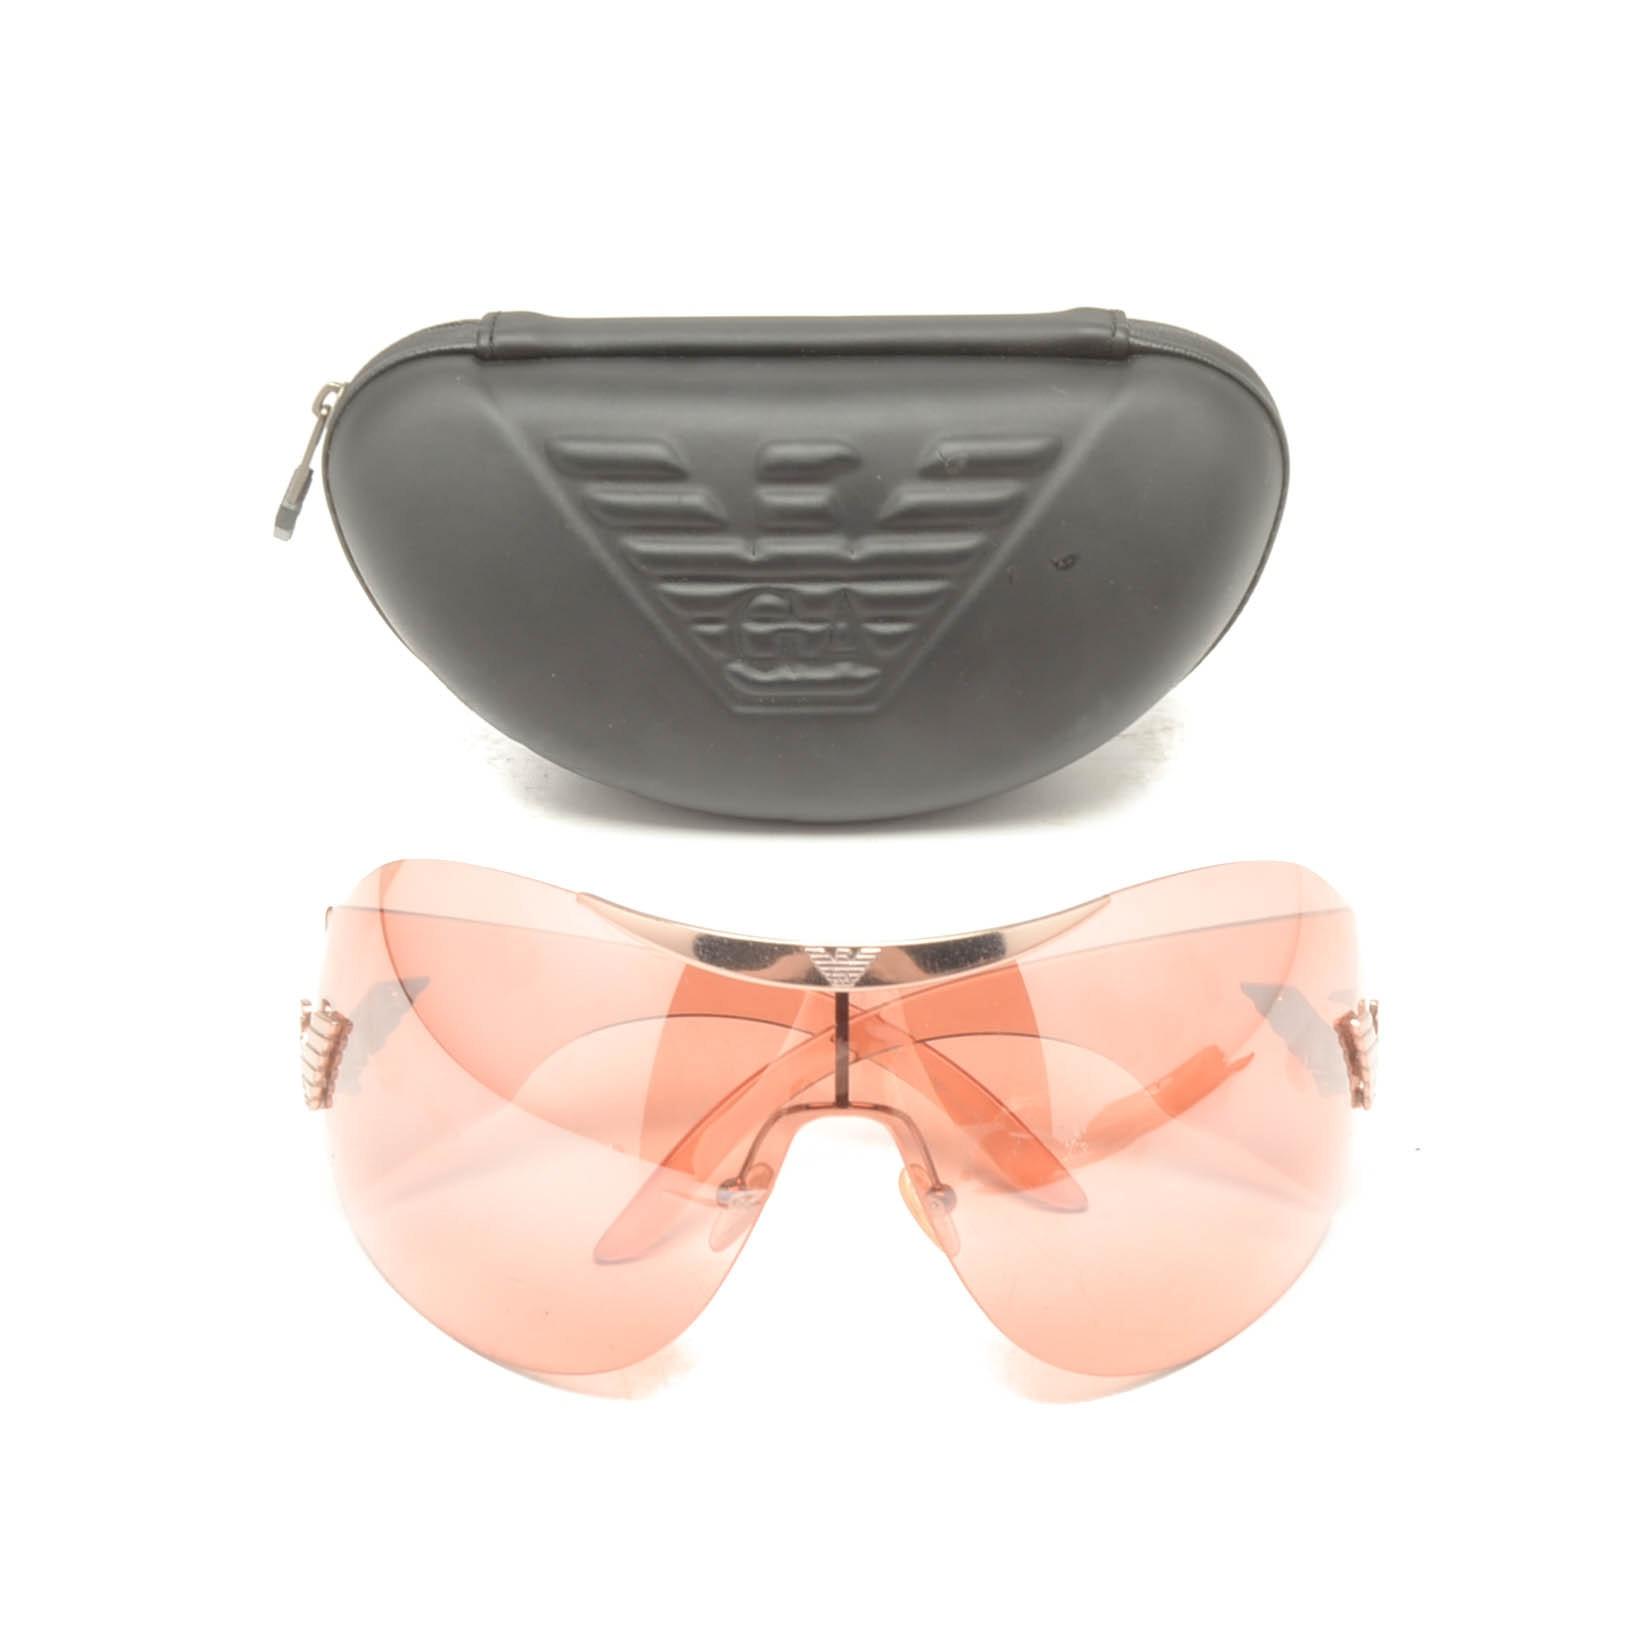 Emporio Armani Shield Sunglasses